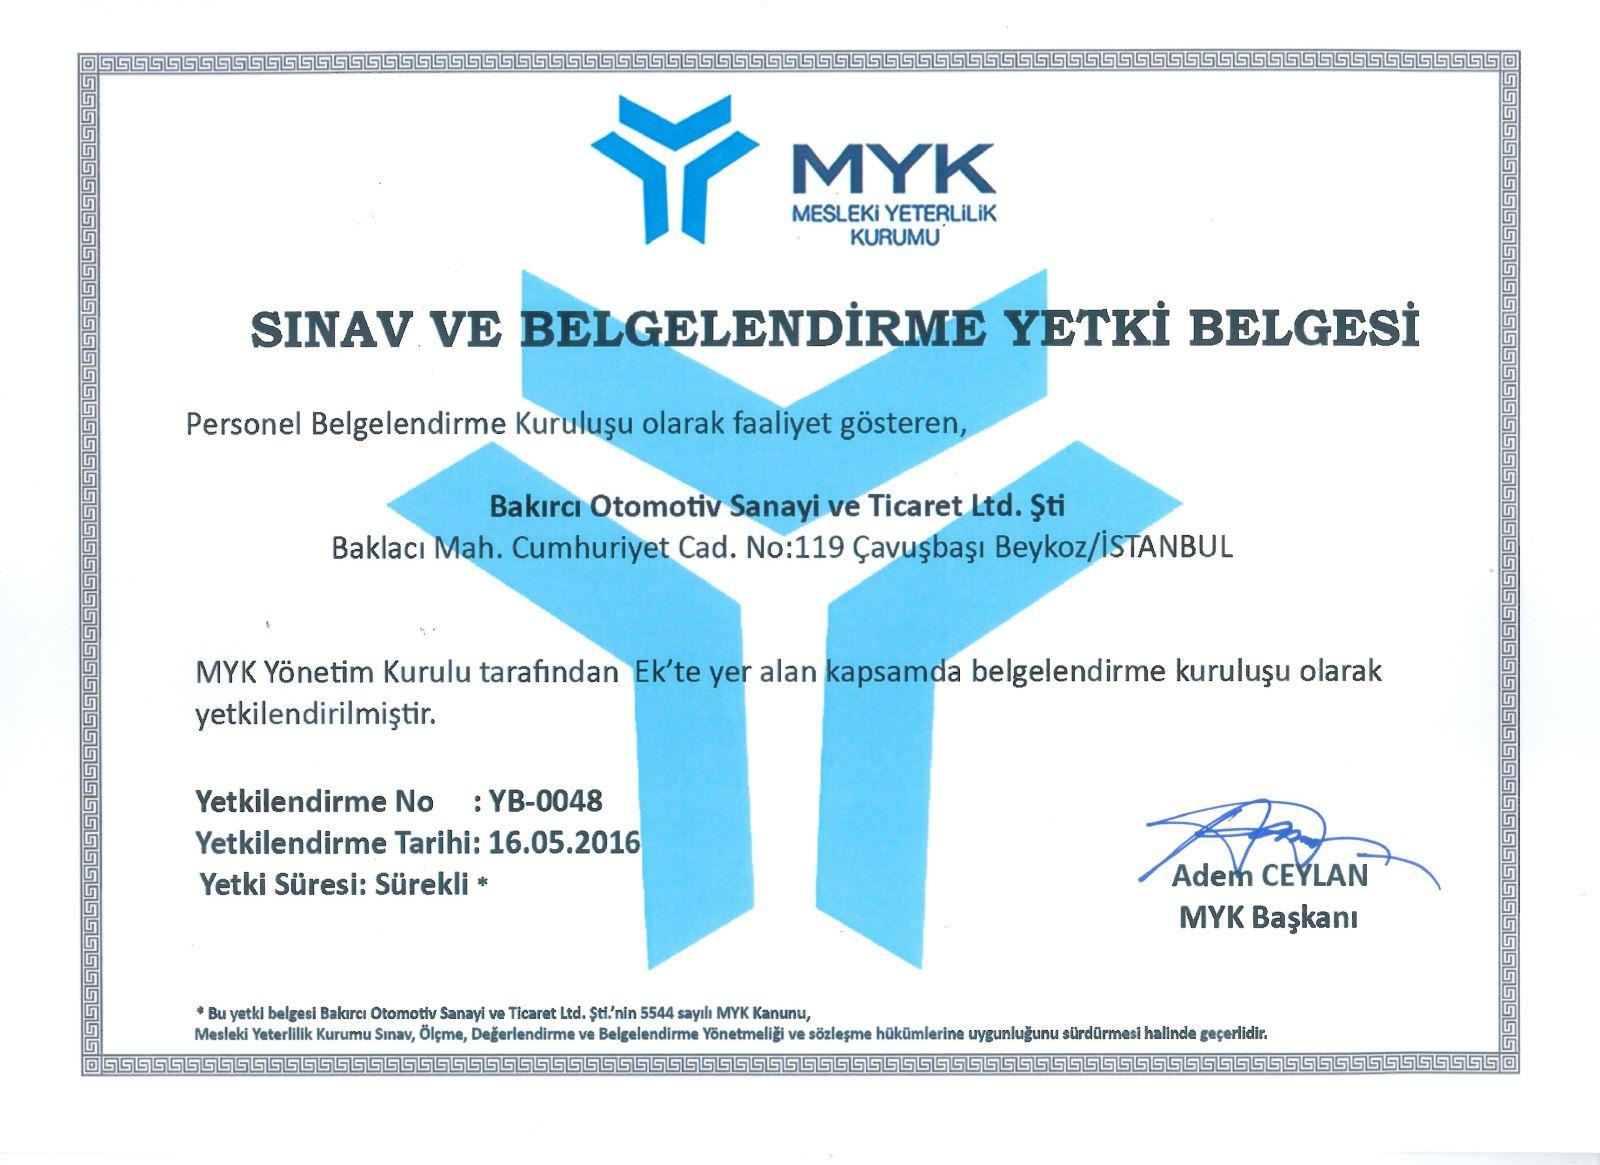 BAKIRCI, TÜRKAK tarafından AB-0088-P Akreditasyon Numarası ile akredite  edilmiş ve MYK tarafından da YB-0048 kodu ile Yetkilendirilmiş  Belgelendirme Kuruluşudur. | BAKIRCI | Bakırcı garagineering